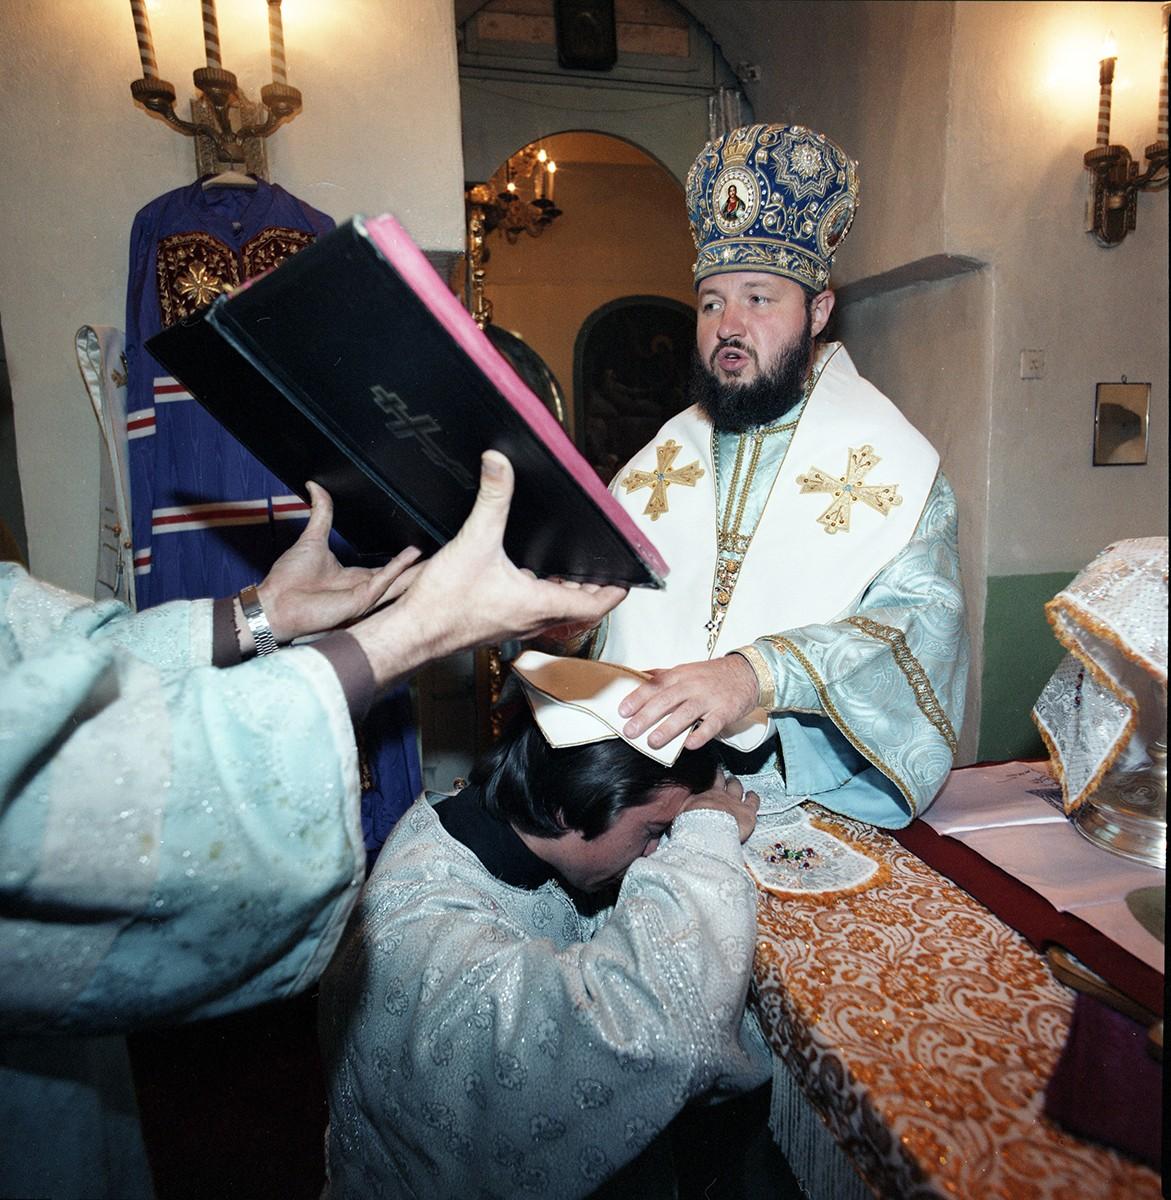 Архиепископ Кирилл совершает хиротонию. Смоленск. 1980-е гг.